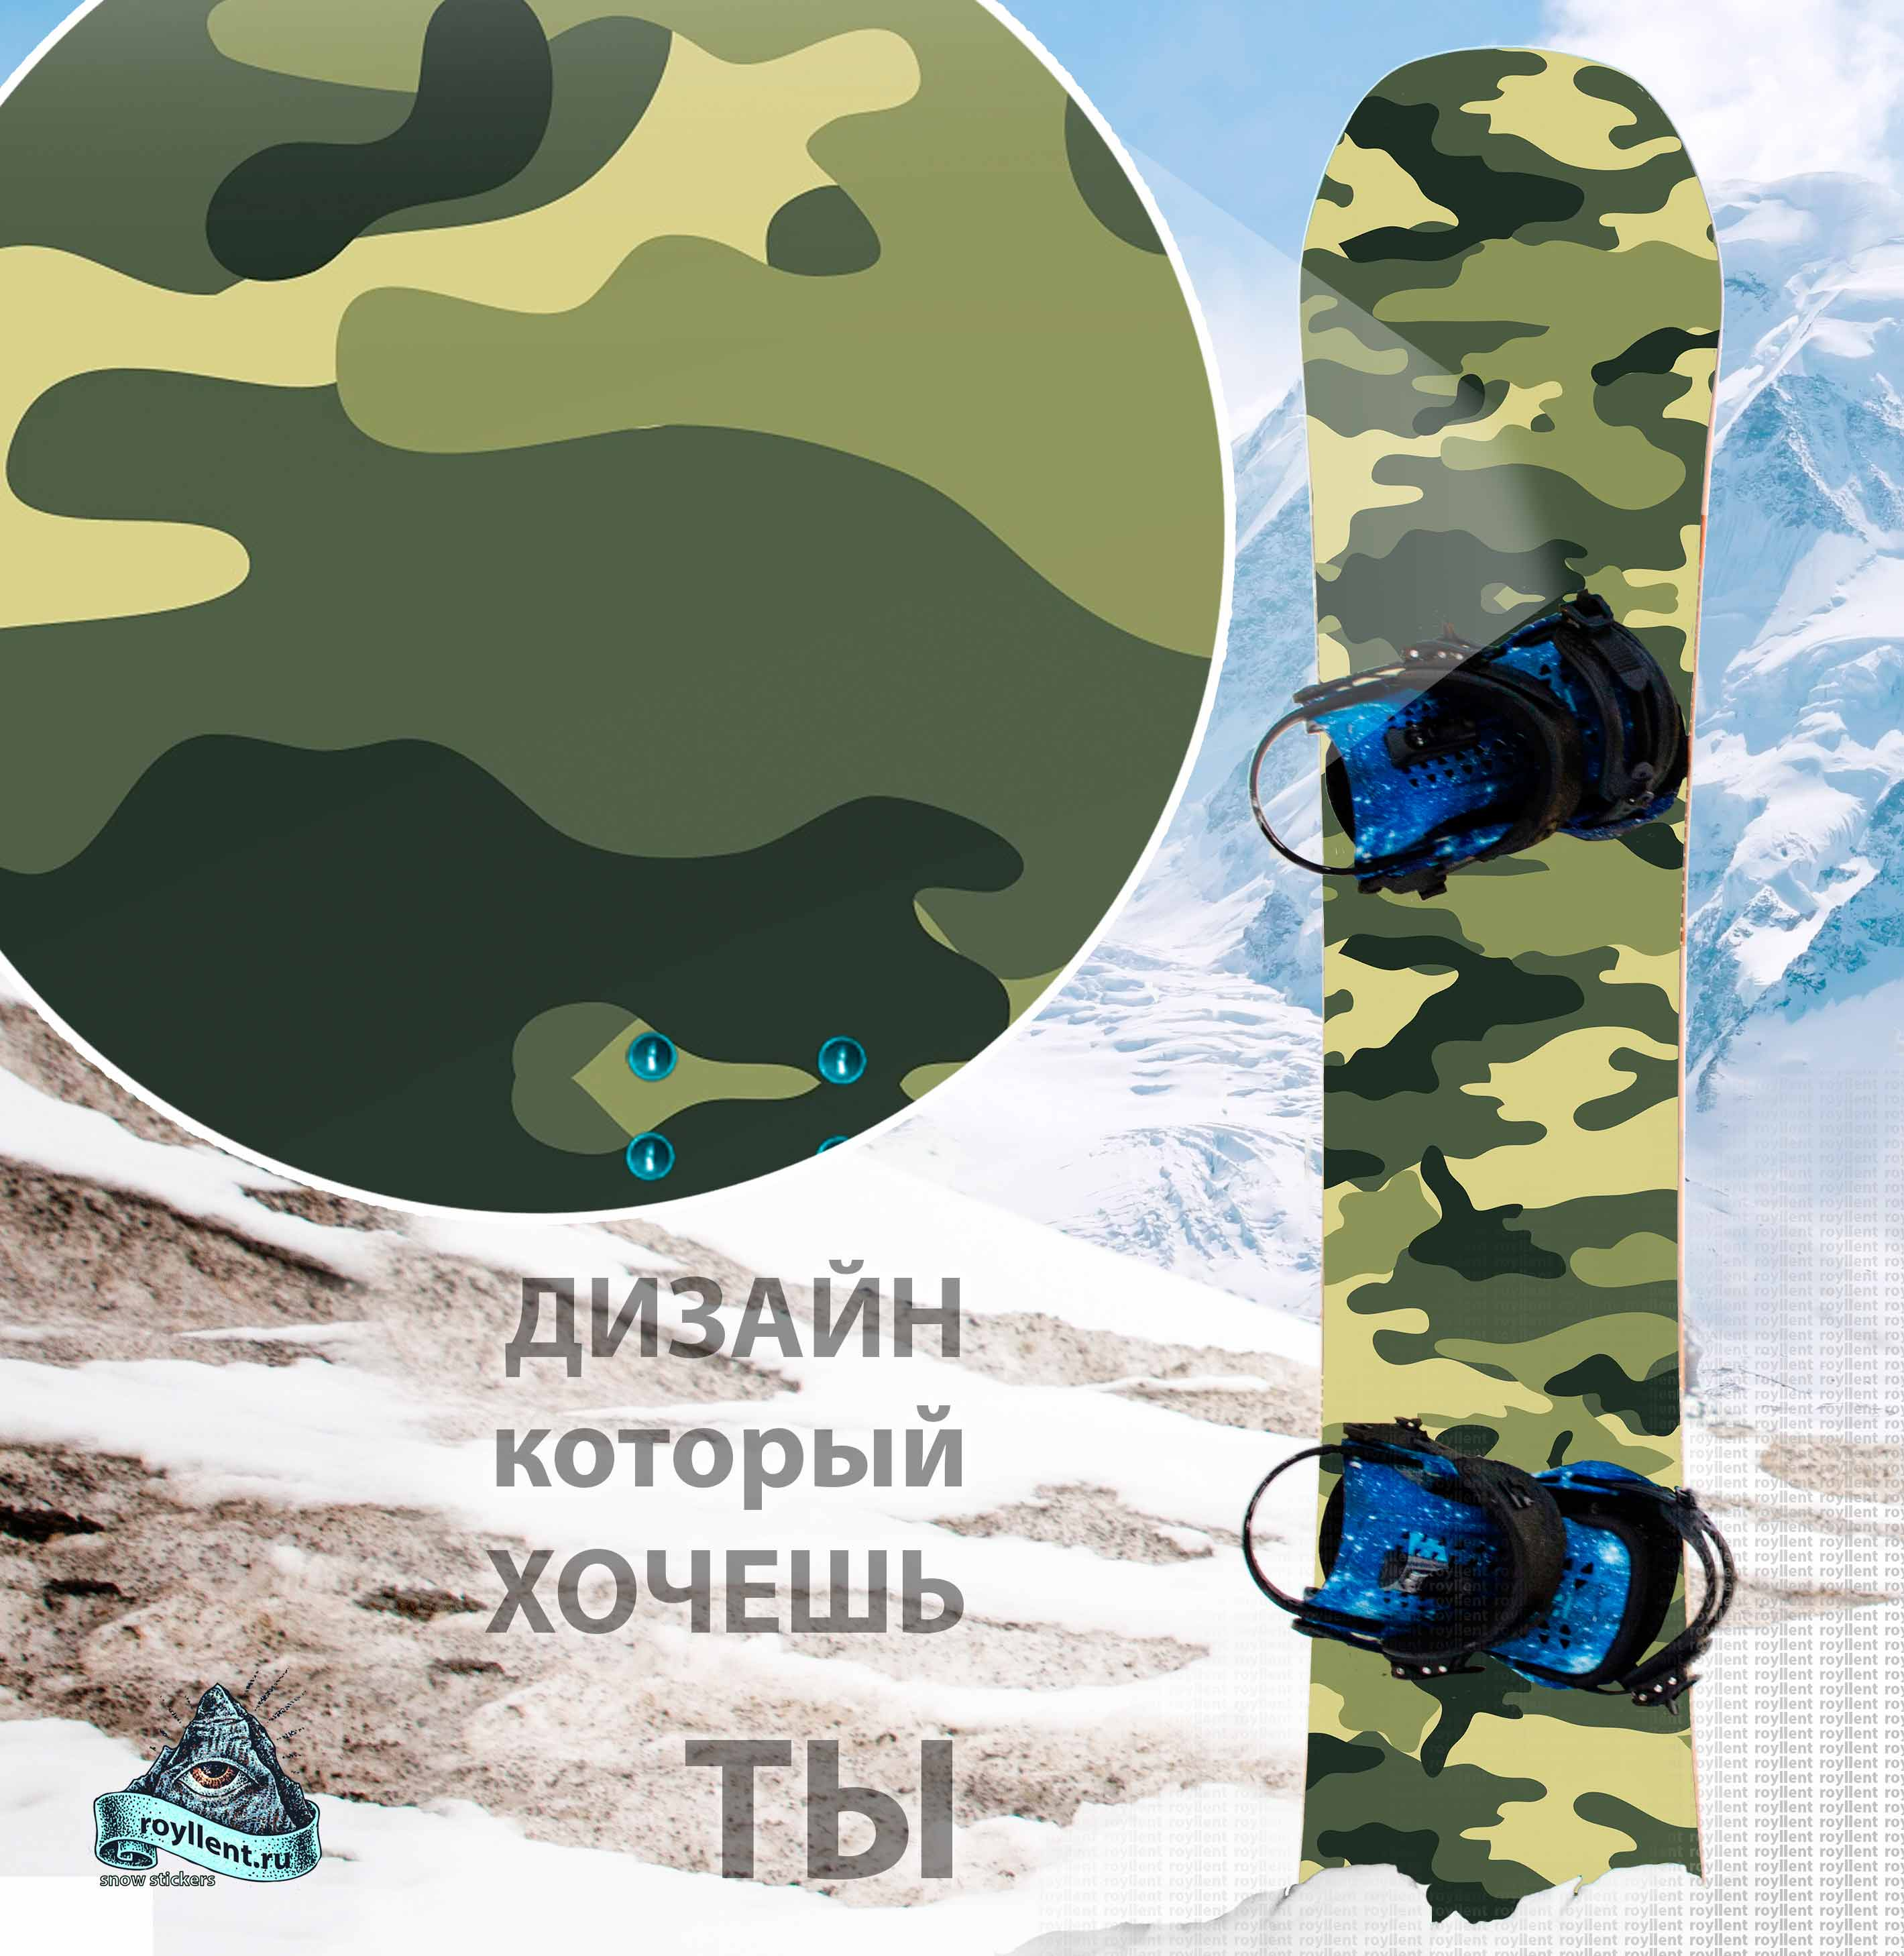 Виниловая наклейка на сноуборд Royllent 2019 Camouflage wrap